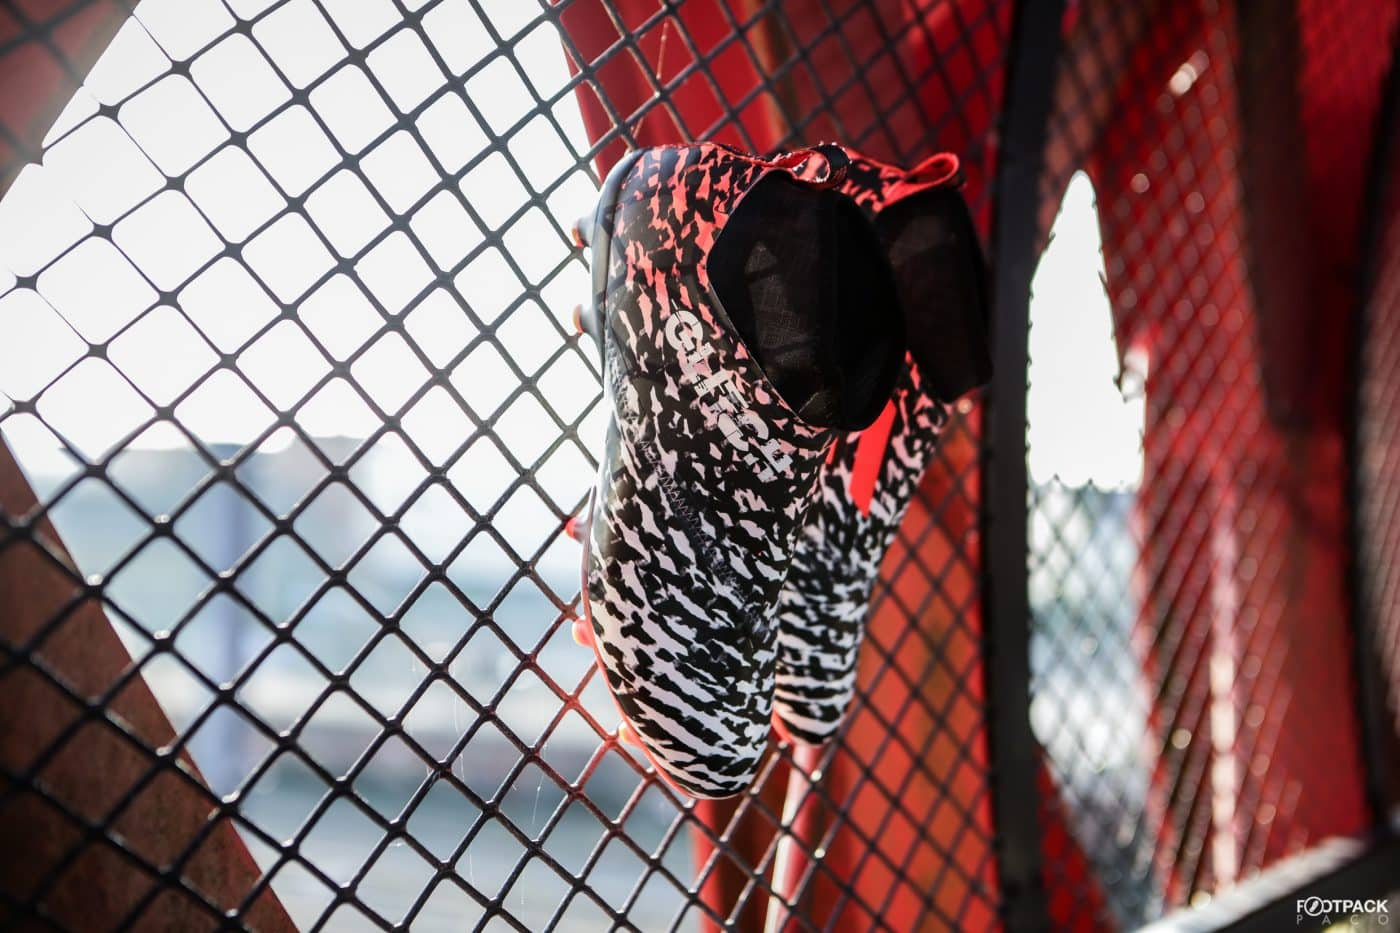 adidas-glitch-initiator-pack-footpack-5